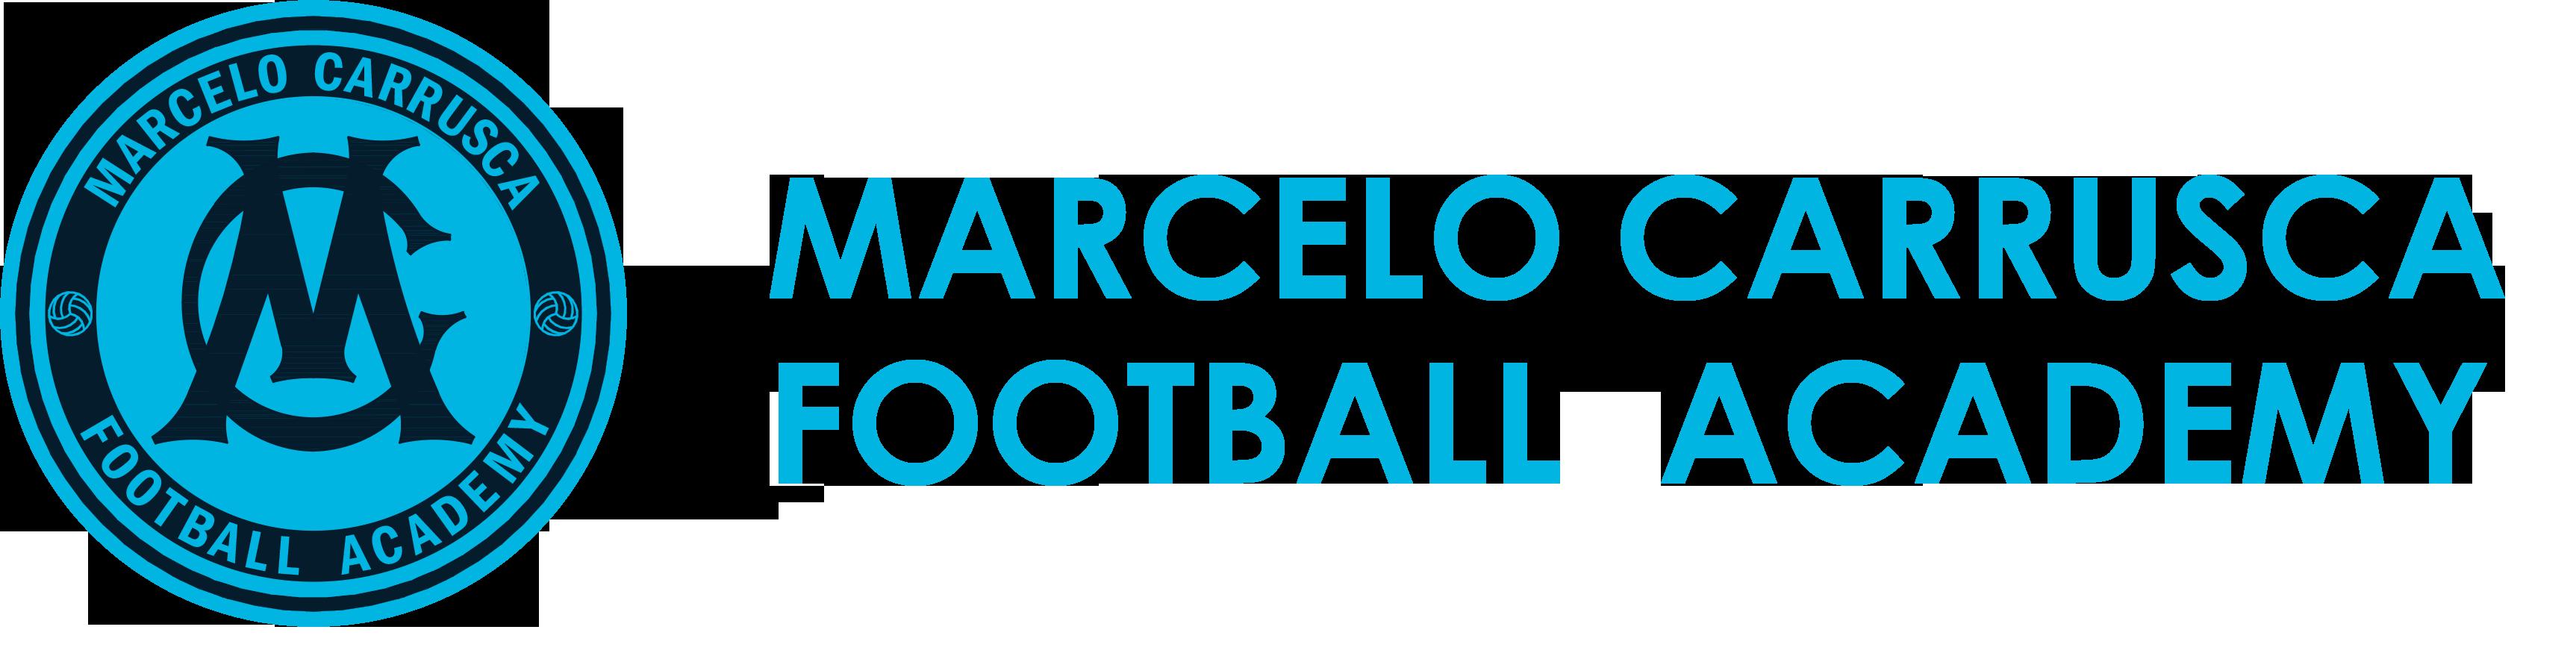 Carrusca Football Academy